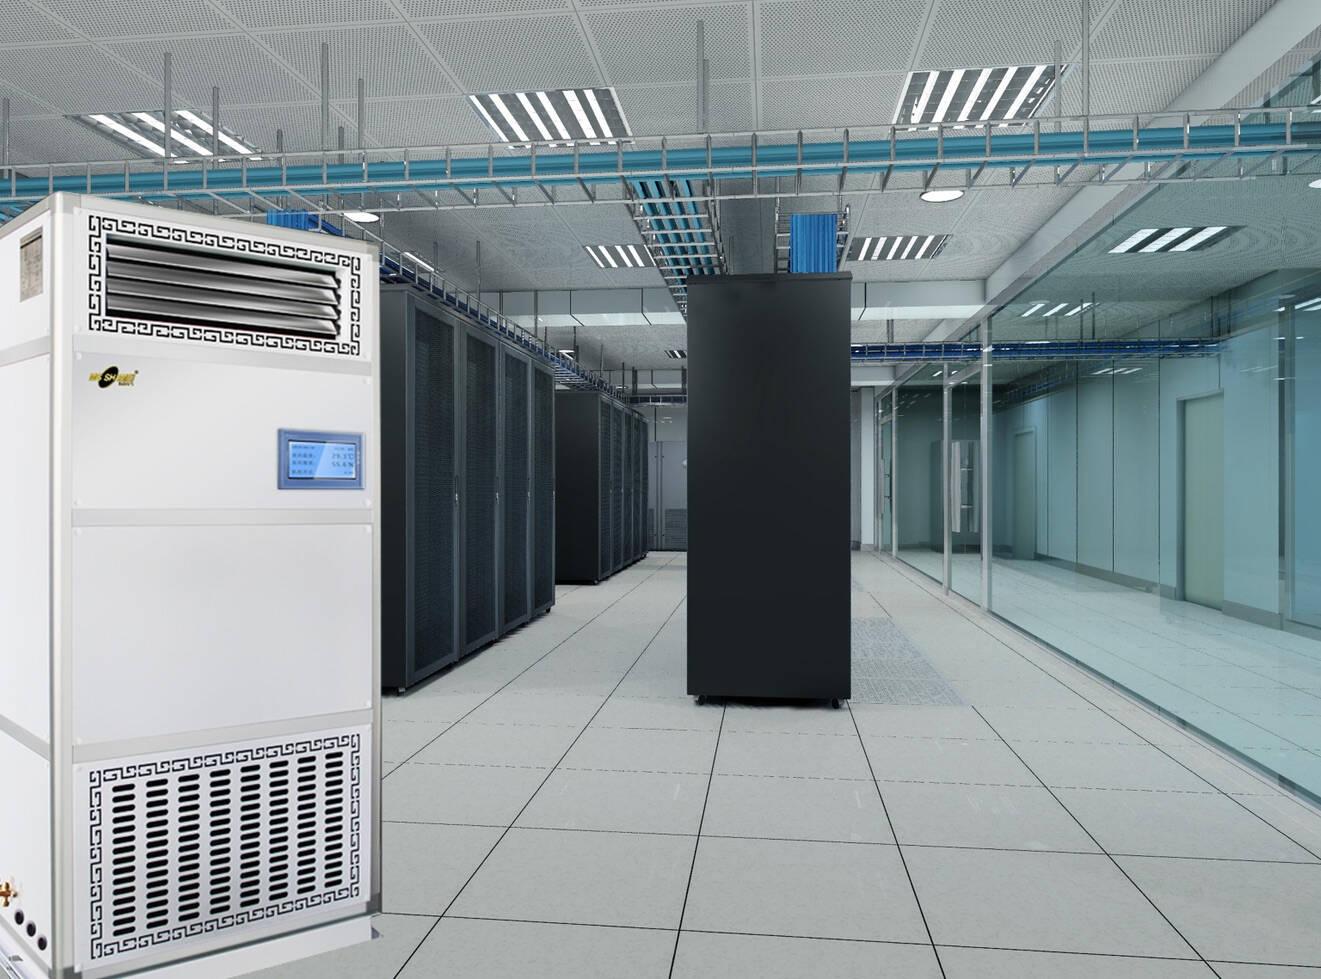 湿美(MSSHIMEI)恒温恒湿实验室精密空调机房专用恒温恒湿空调机设备机房空调HMS-50B